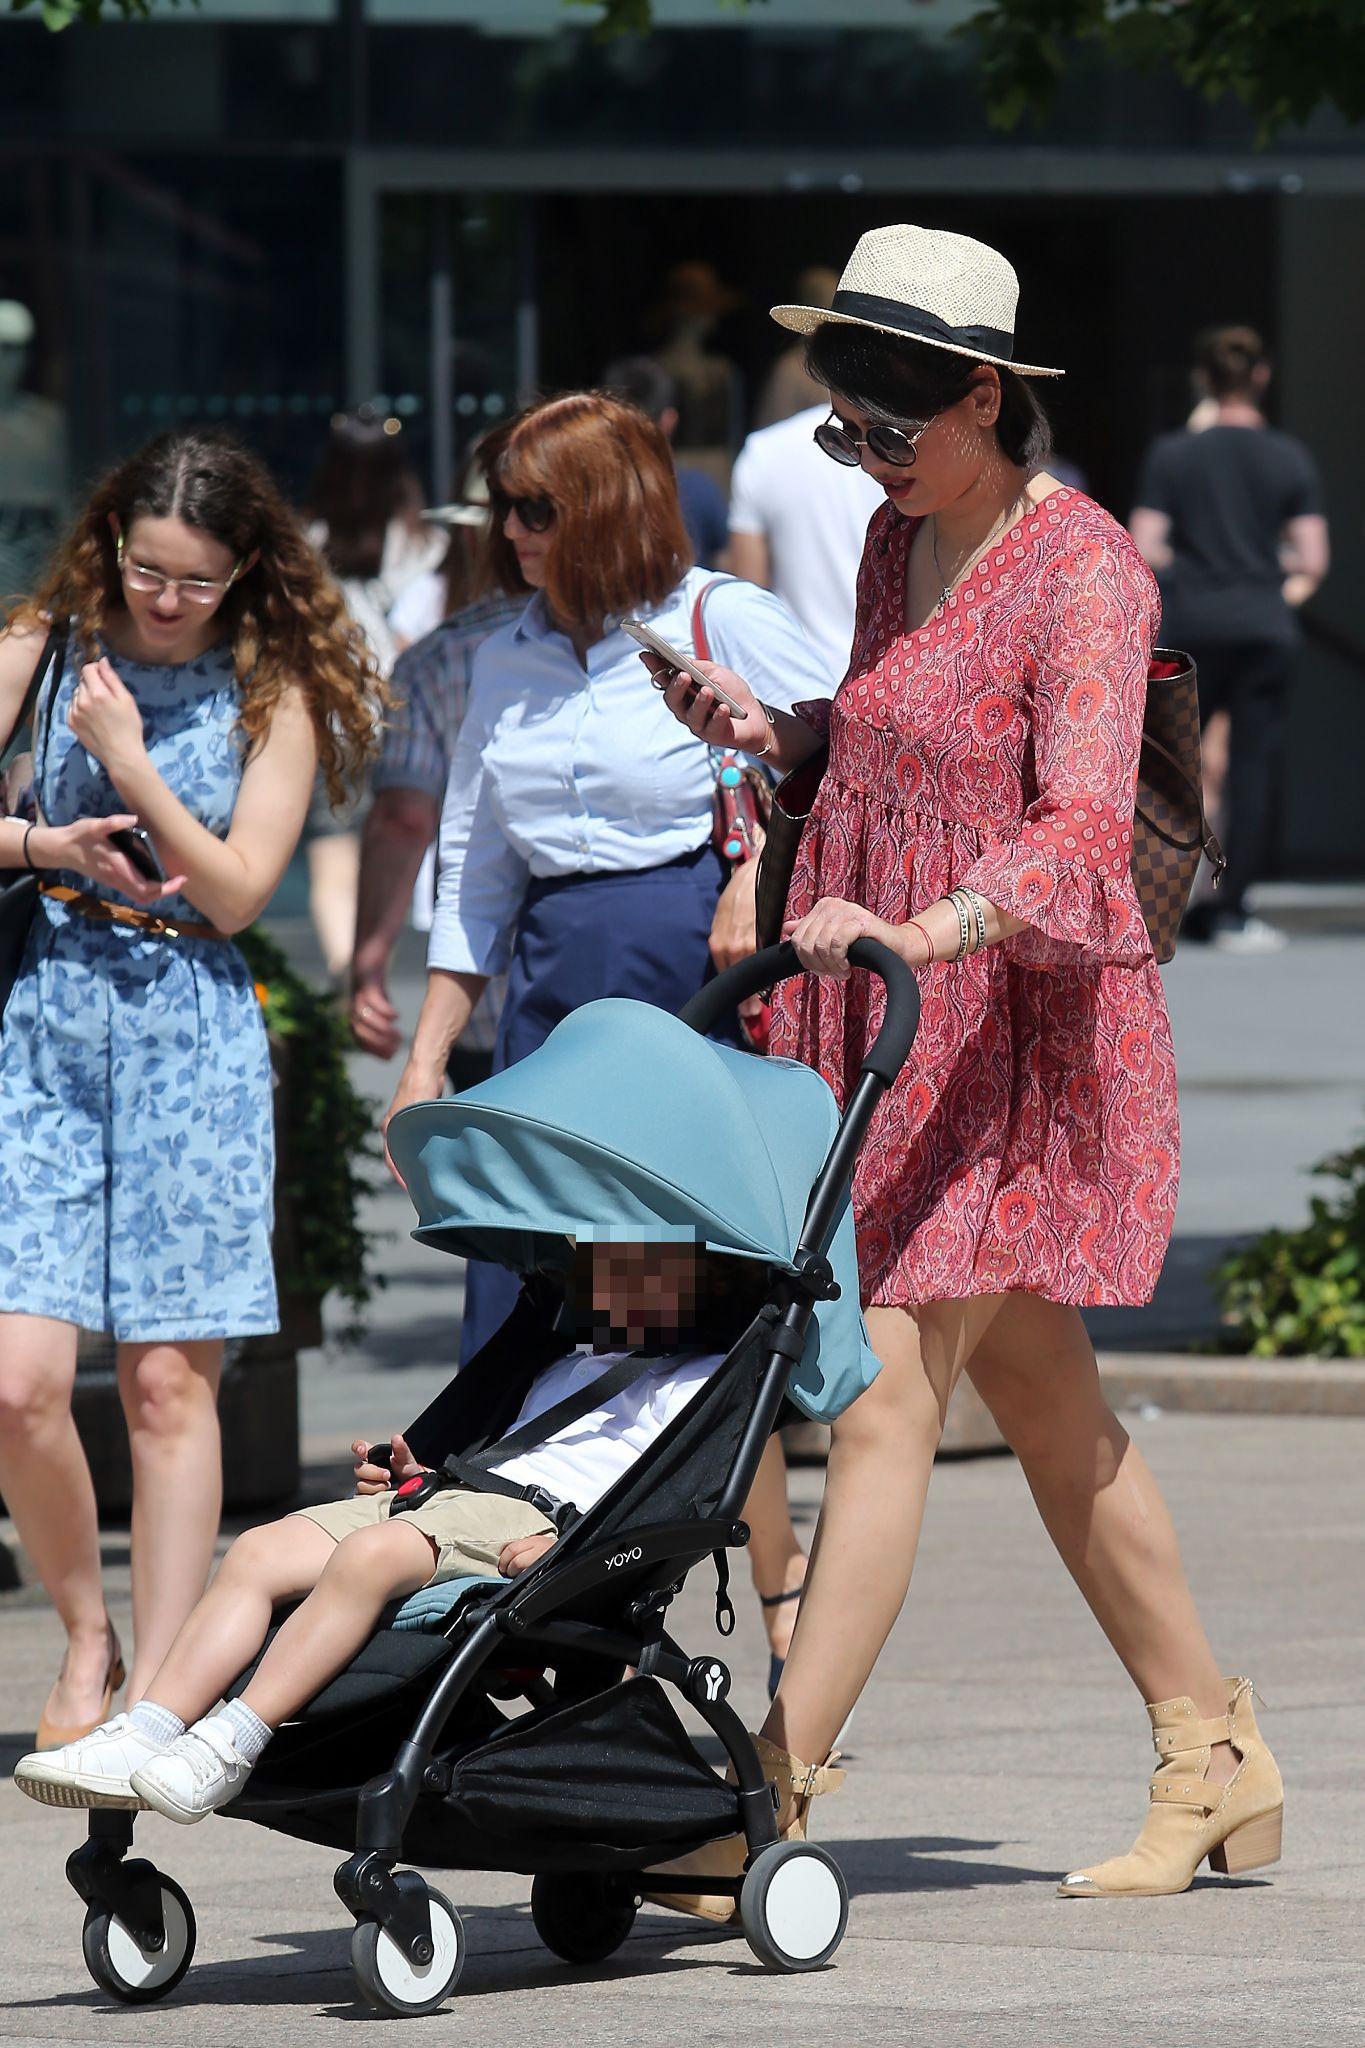 Zgodna mama sa špice u mini haljini i gležnjačama svima je održala lekciju iz stila!